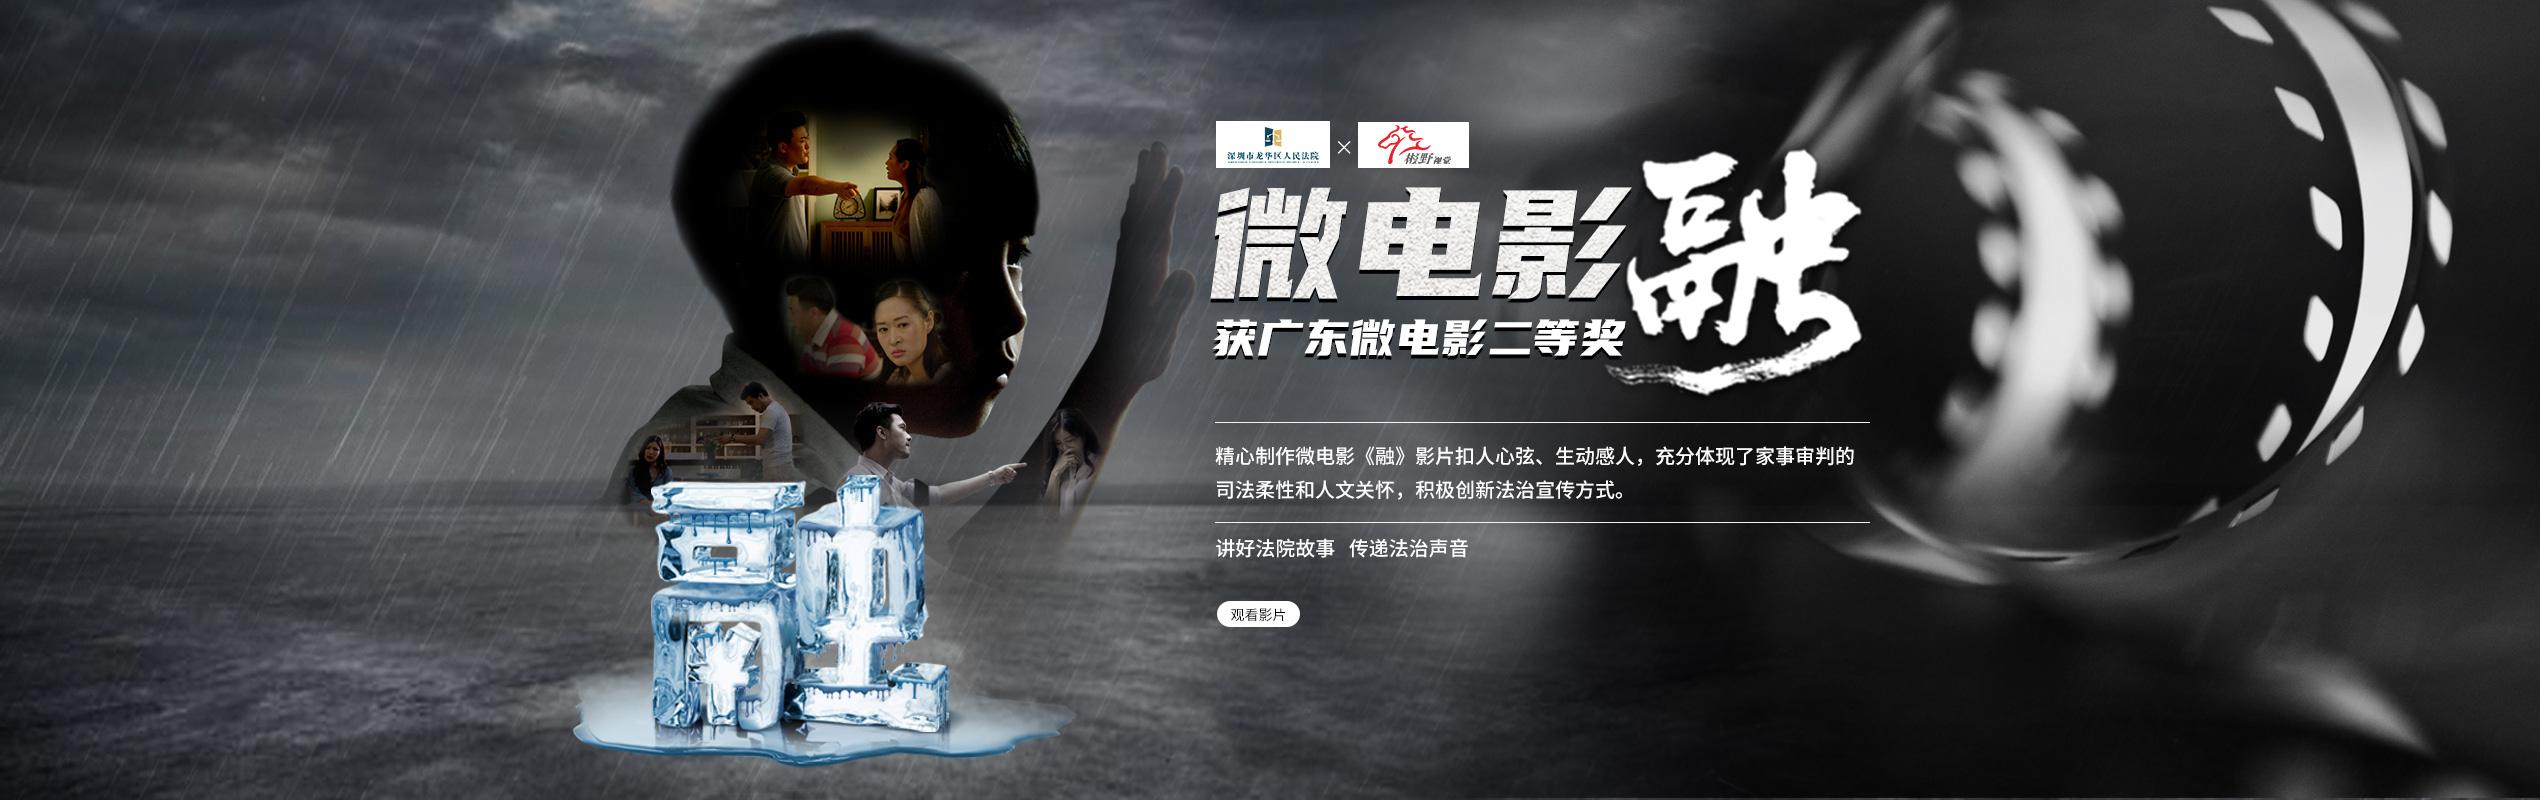 企业宣传片制作_产品广告片拍摄_深圳宣传片拍摄公司